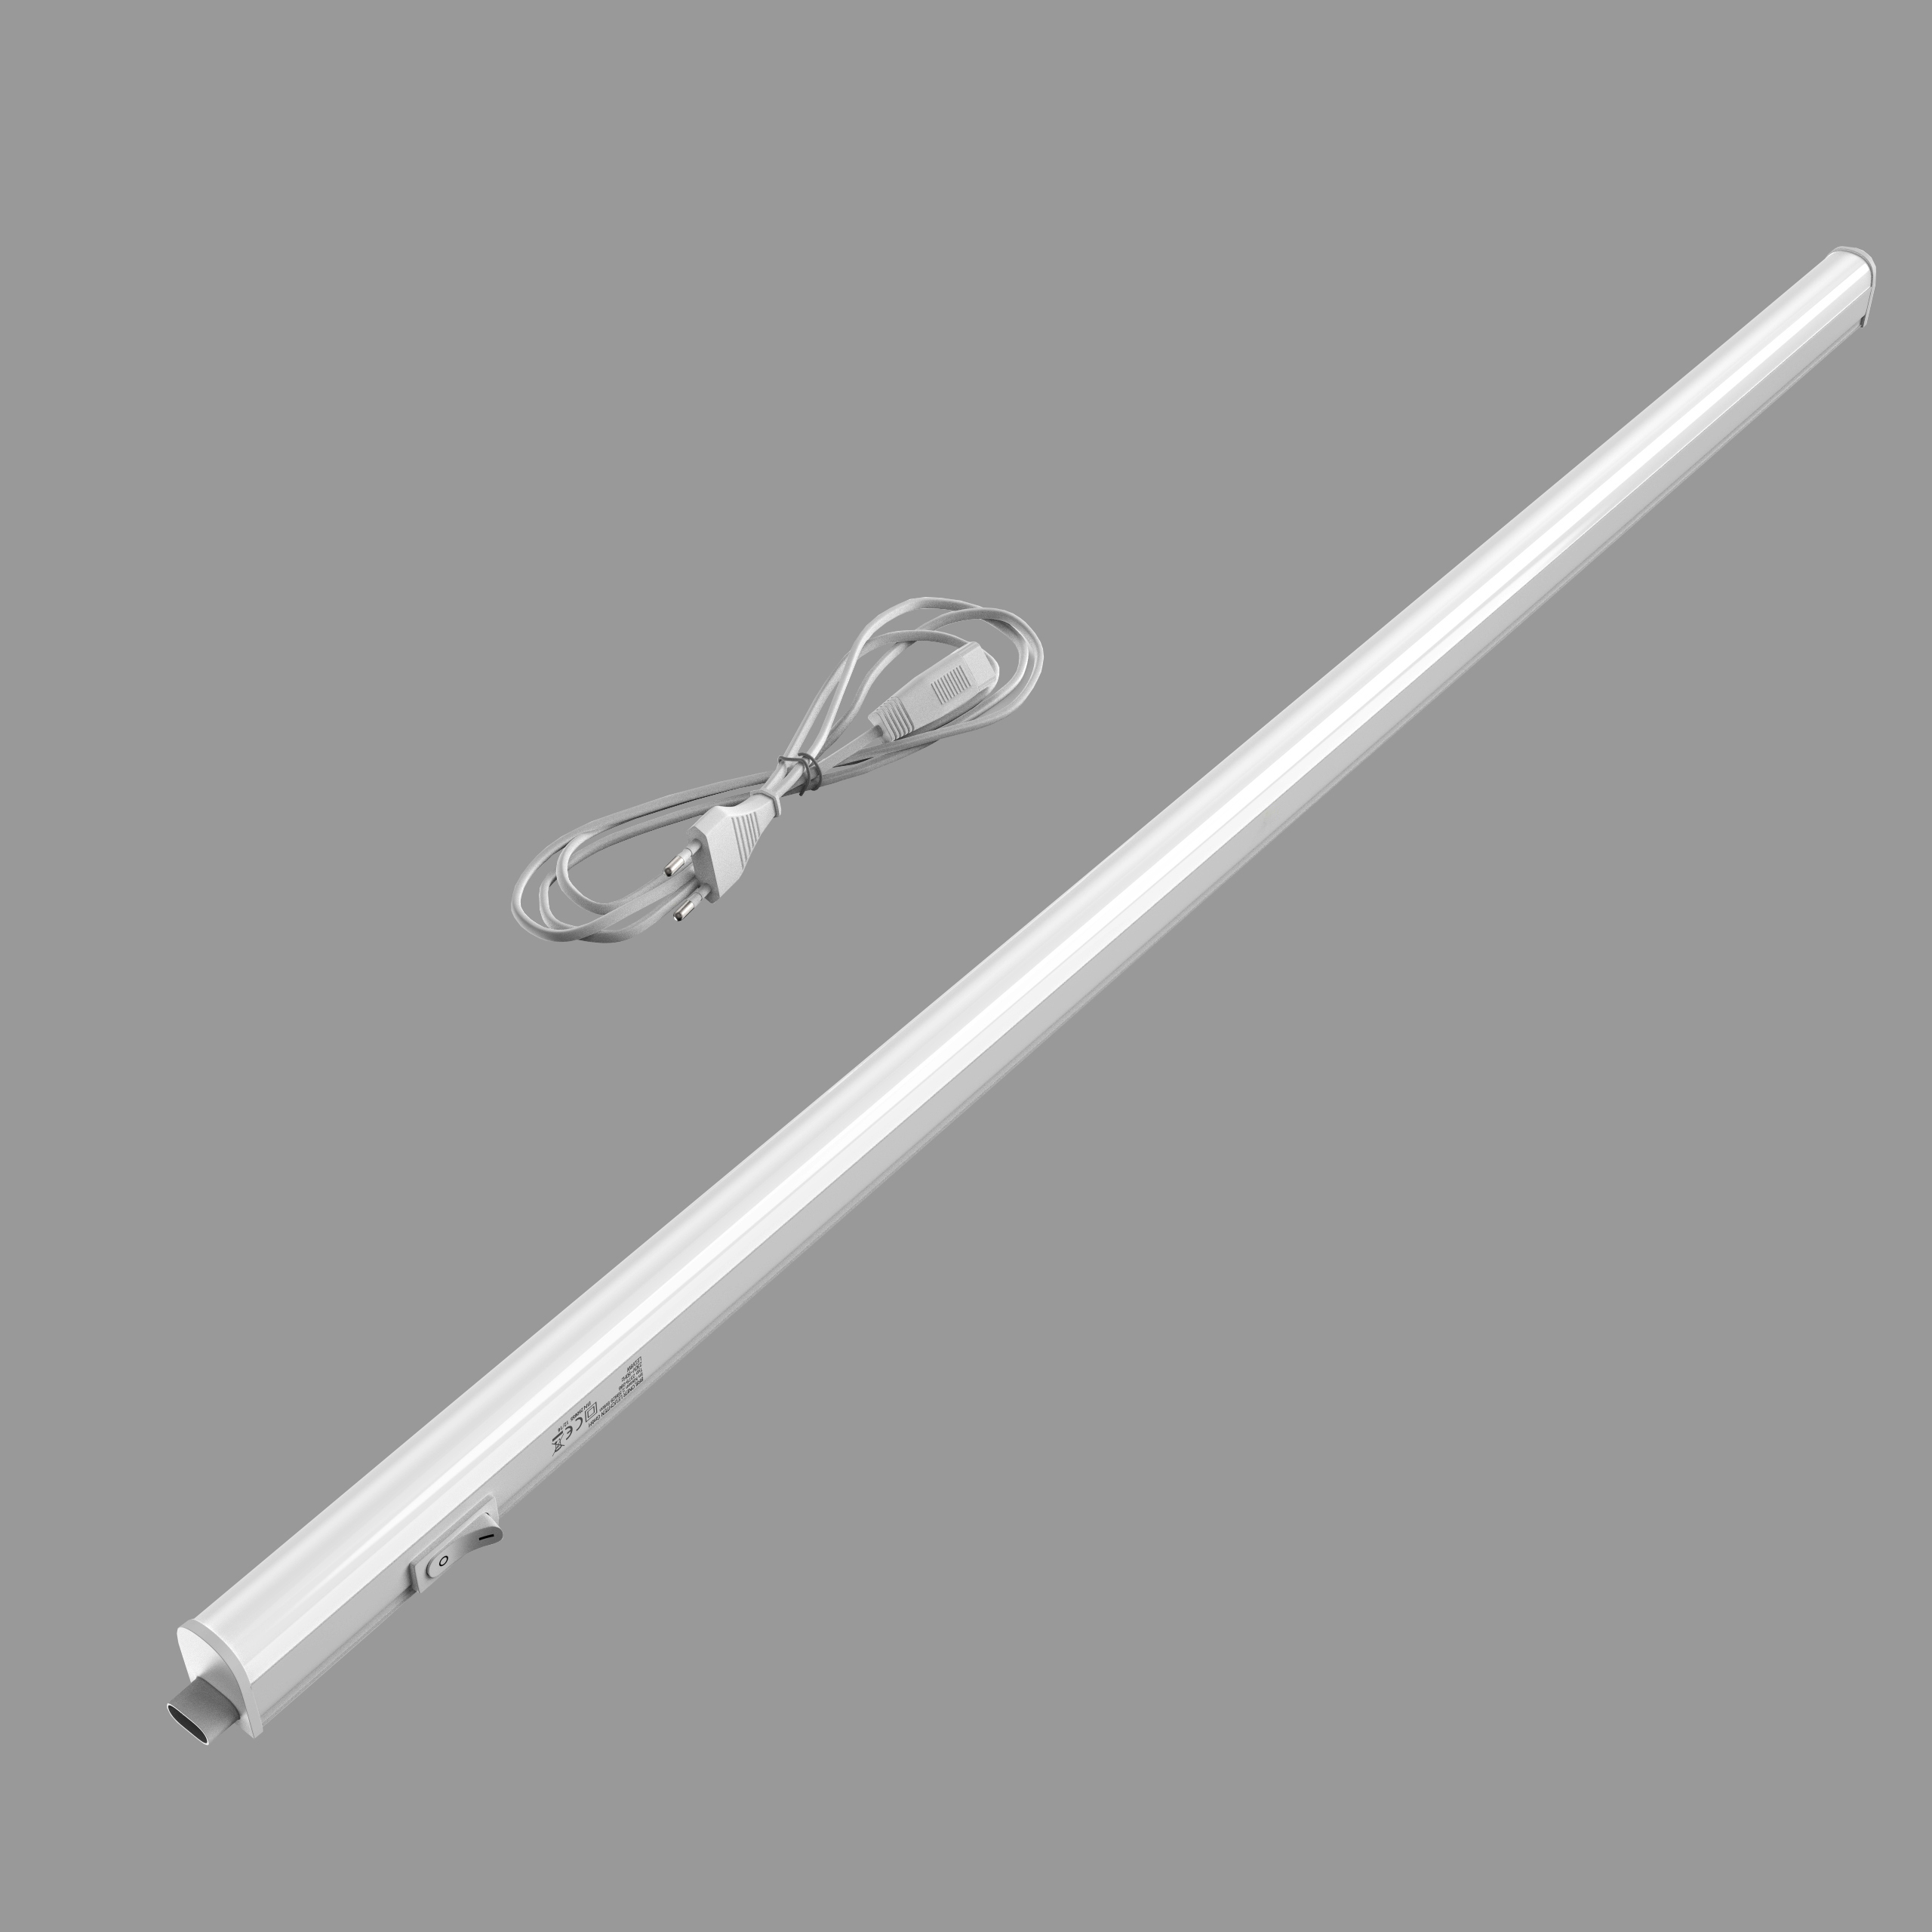 LED Unterbauleuchte, 87,3 cm, 10 W, Weiss